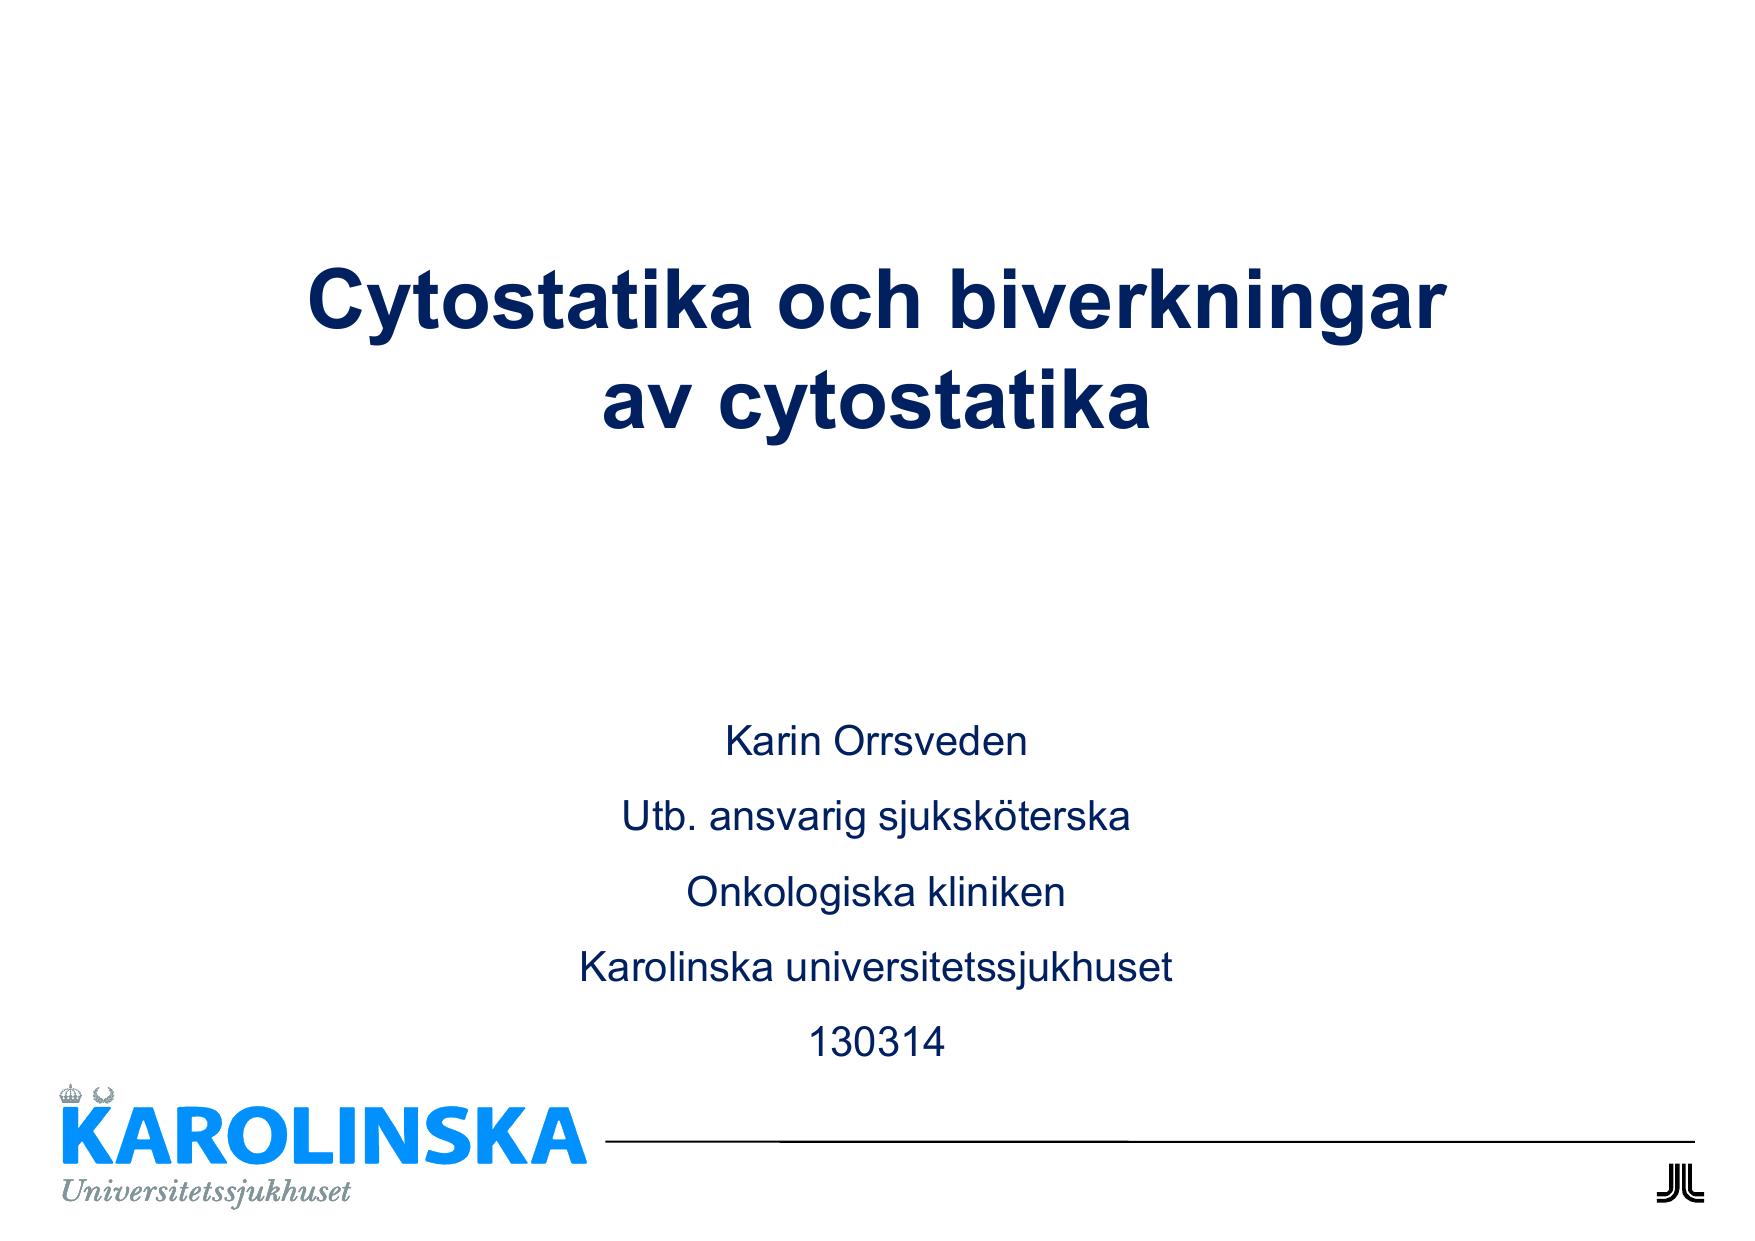 vad är cytostatika